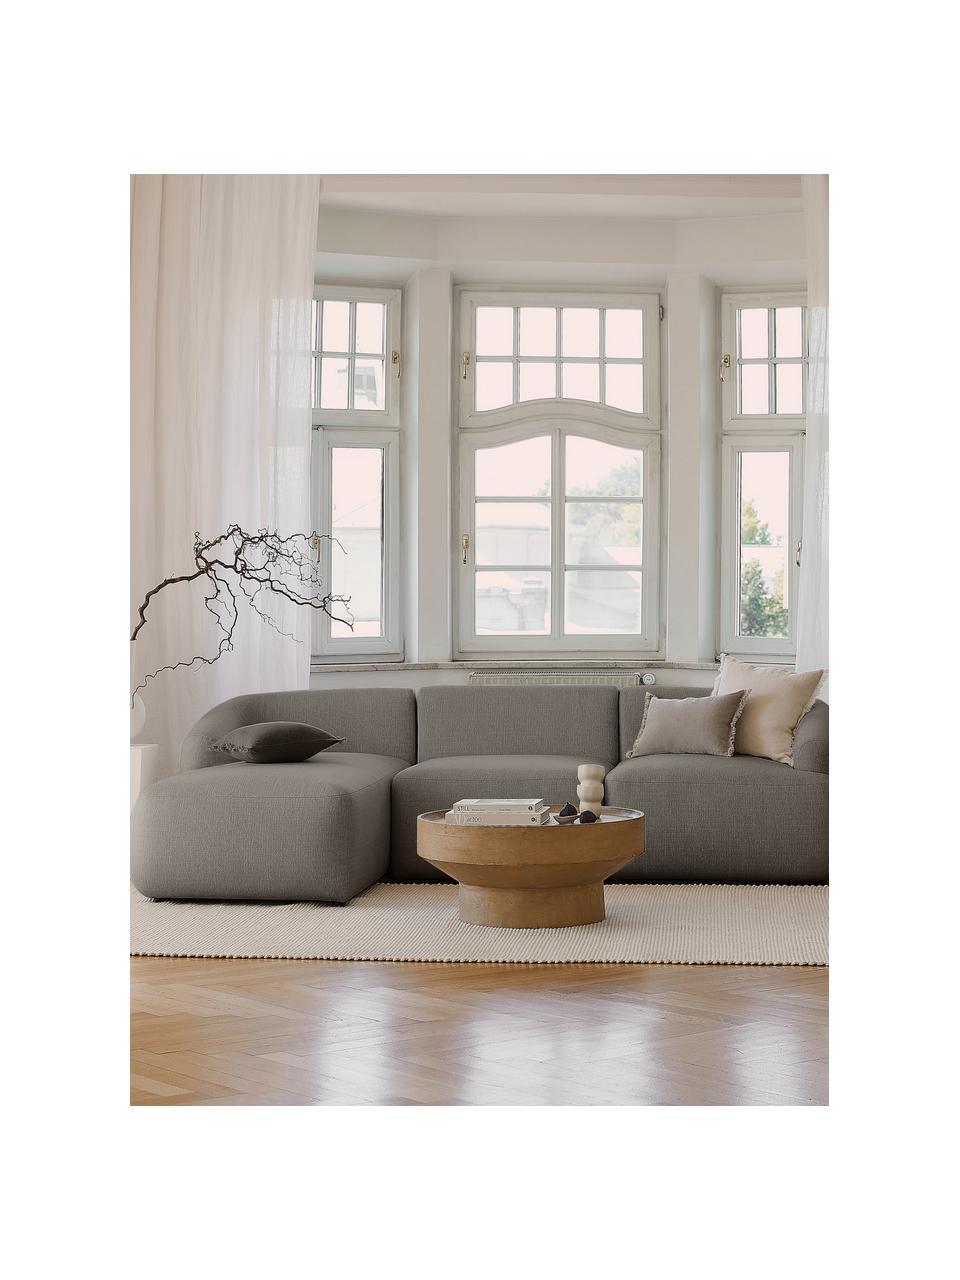 Narożna sofa modułowa Sofia, Tapicerka: 100% polipropylen Dzięki , Stelaż: lite drewno sosnowe, płyt, Nogi: tworzywo sztuczne, Szary, S 278 x G 174 cm